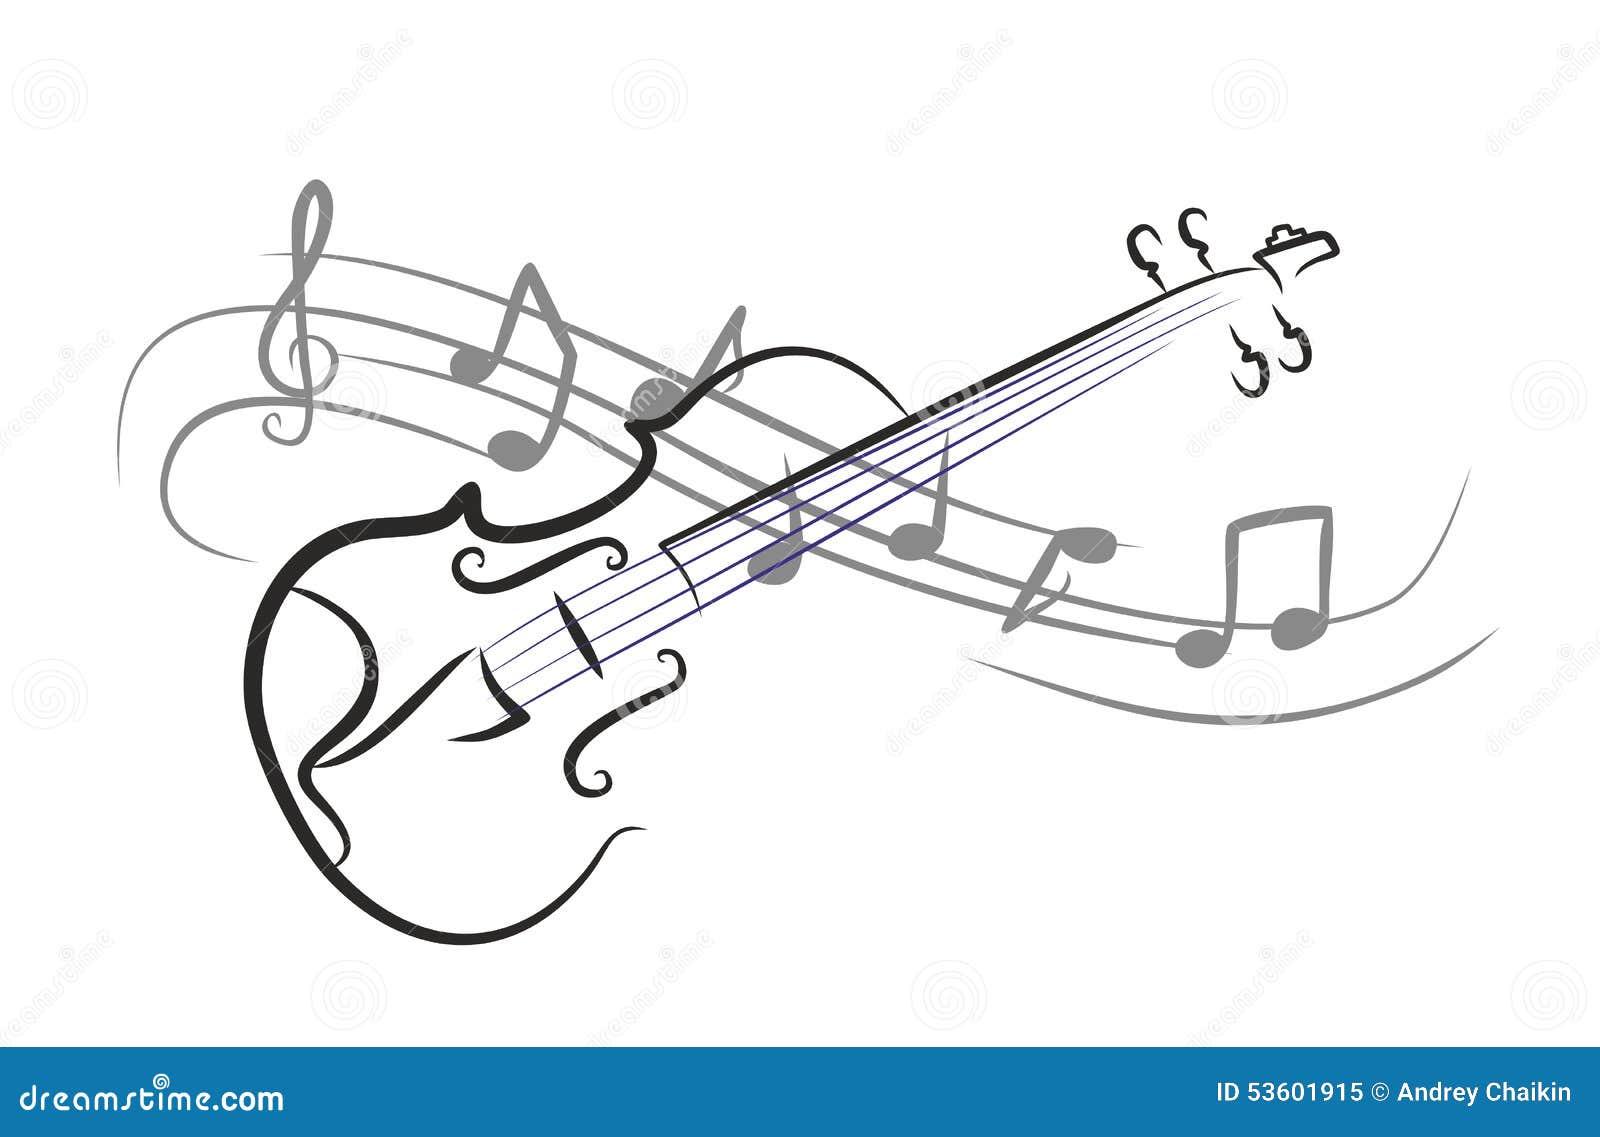 violin with notes sketch stock photo cartoondealercom